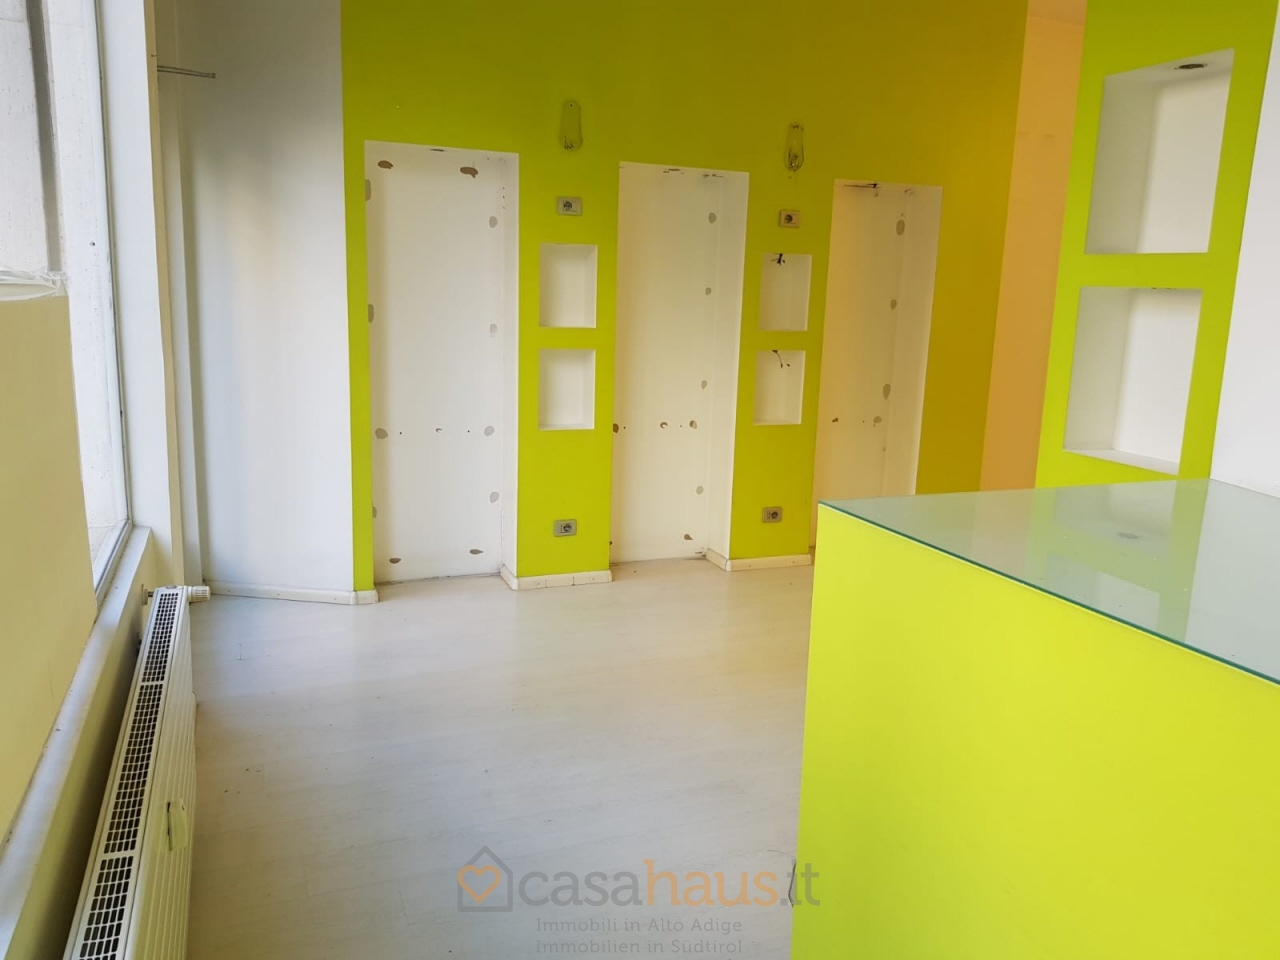 Negozio / Locale in vendita a Bolzano, 1 locali, Trattative riservate   PortaleAgenzieImmobiliari.it